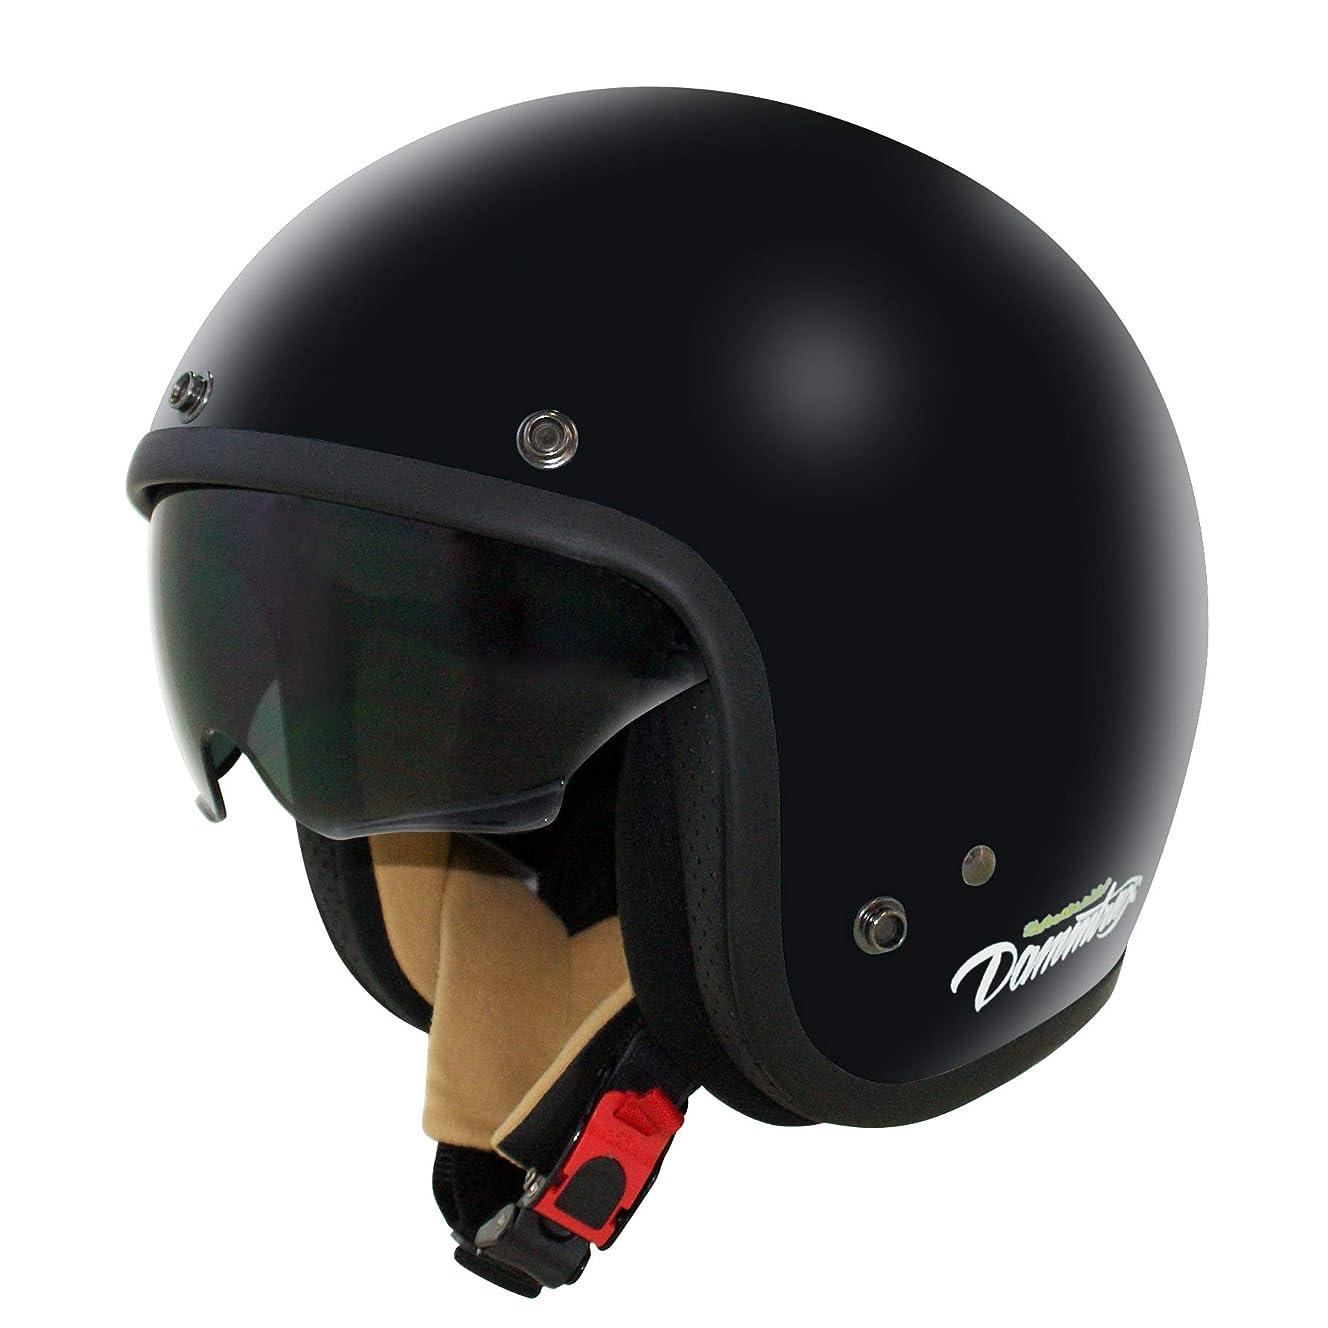 不規則性速いチロダムトラックス(DAMMTRAX) バイクヘルメット ジェット AIR MATERIAL (エアー マテリアル) パールブラック キッズサイズ(54cm~56cm) -